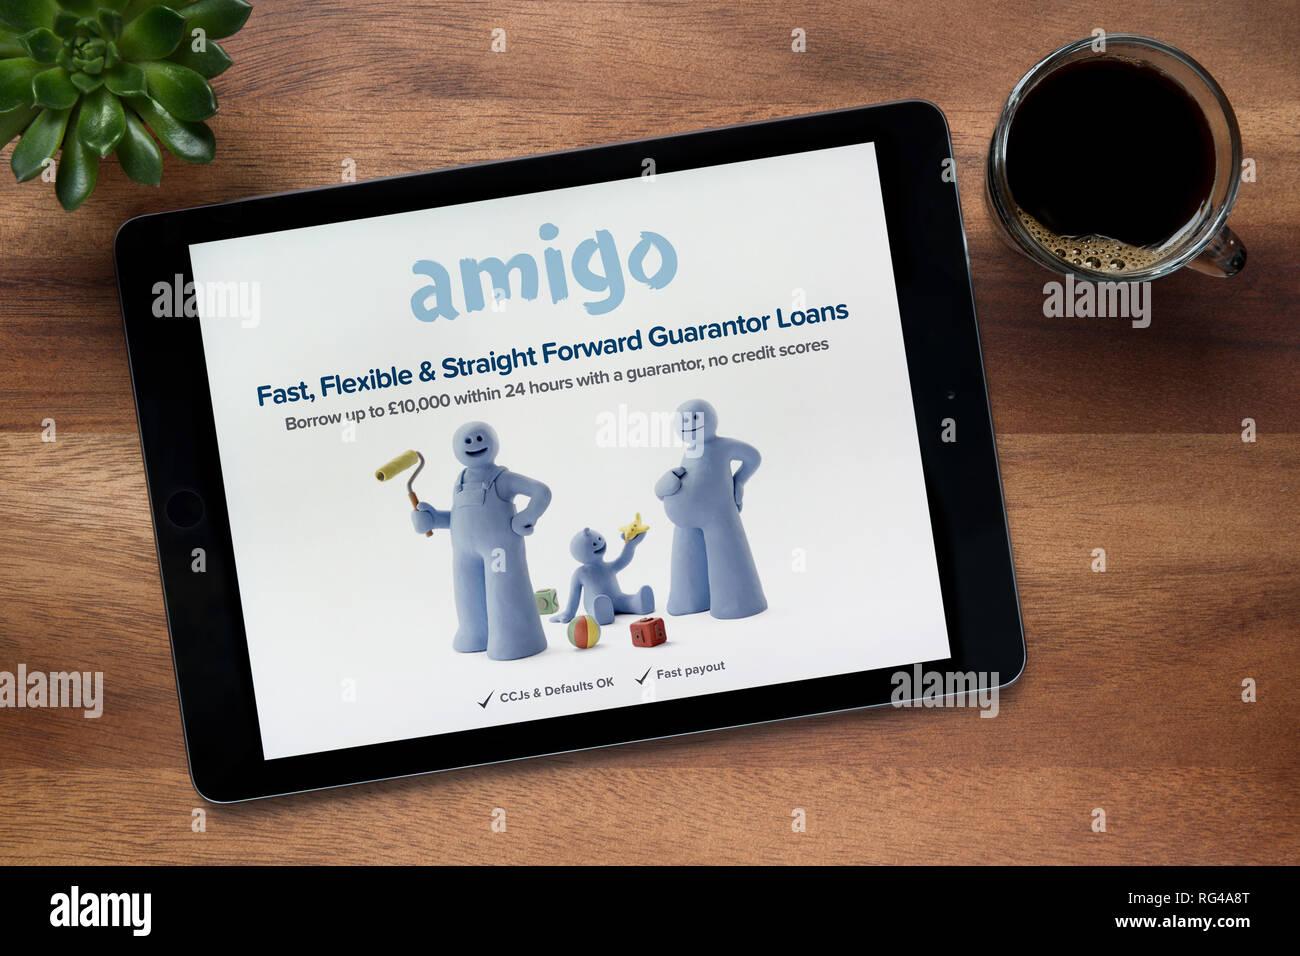 El sitio web de Amigo préstamos es visto en un iPad, en una mesa de madera junto con un café espresso y una planta de casa (Editorial). Imagen De Stock